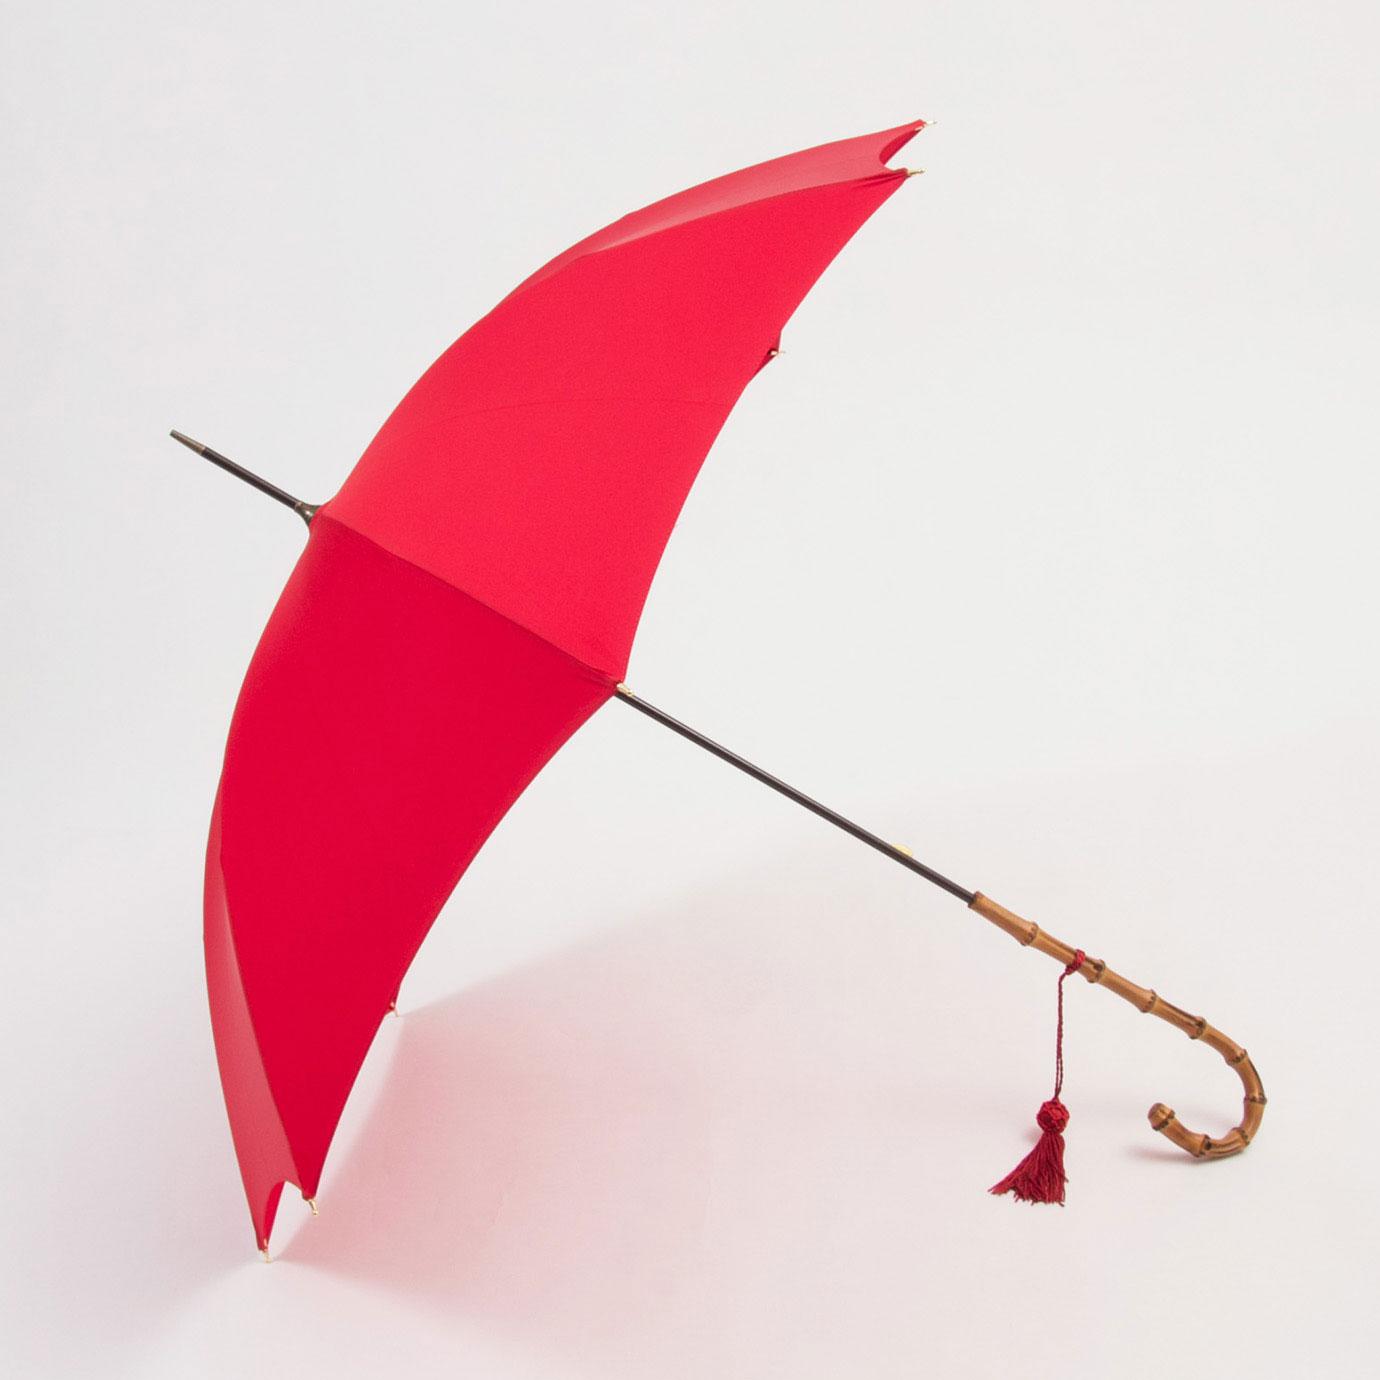 母の日ギフト、フォックスアンブレラの赤い傘